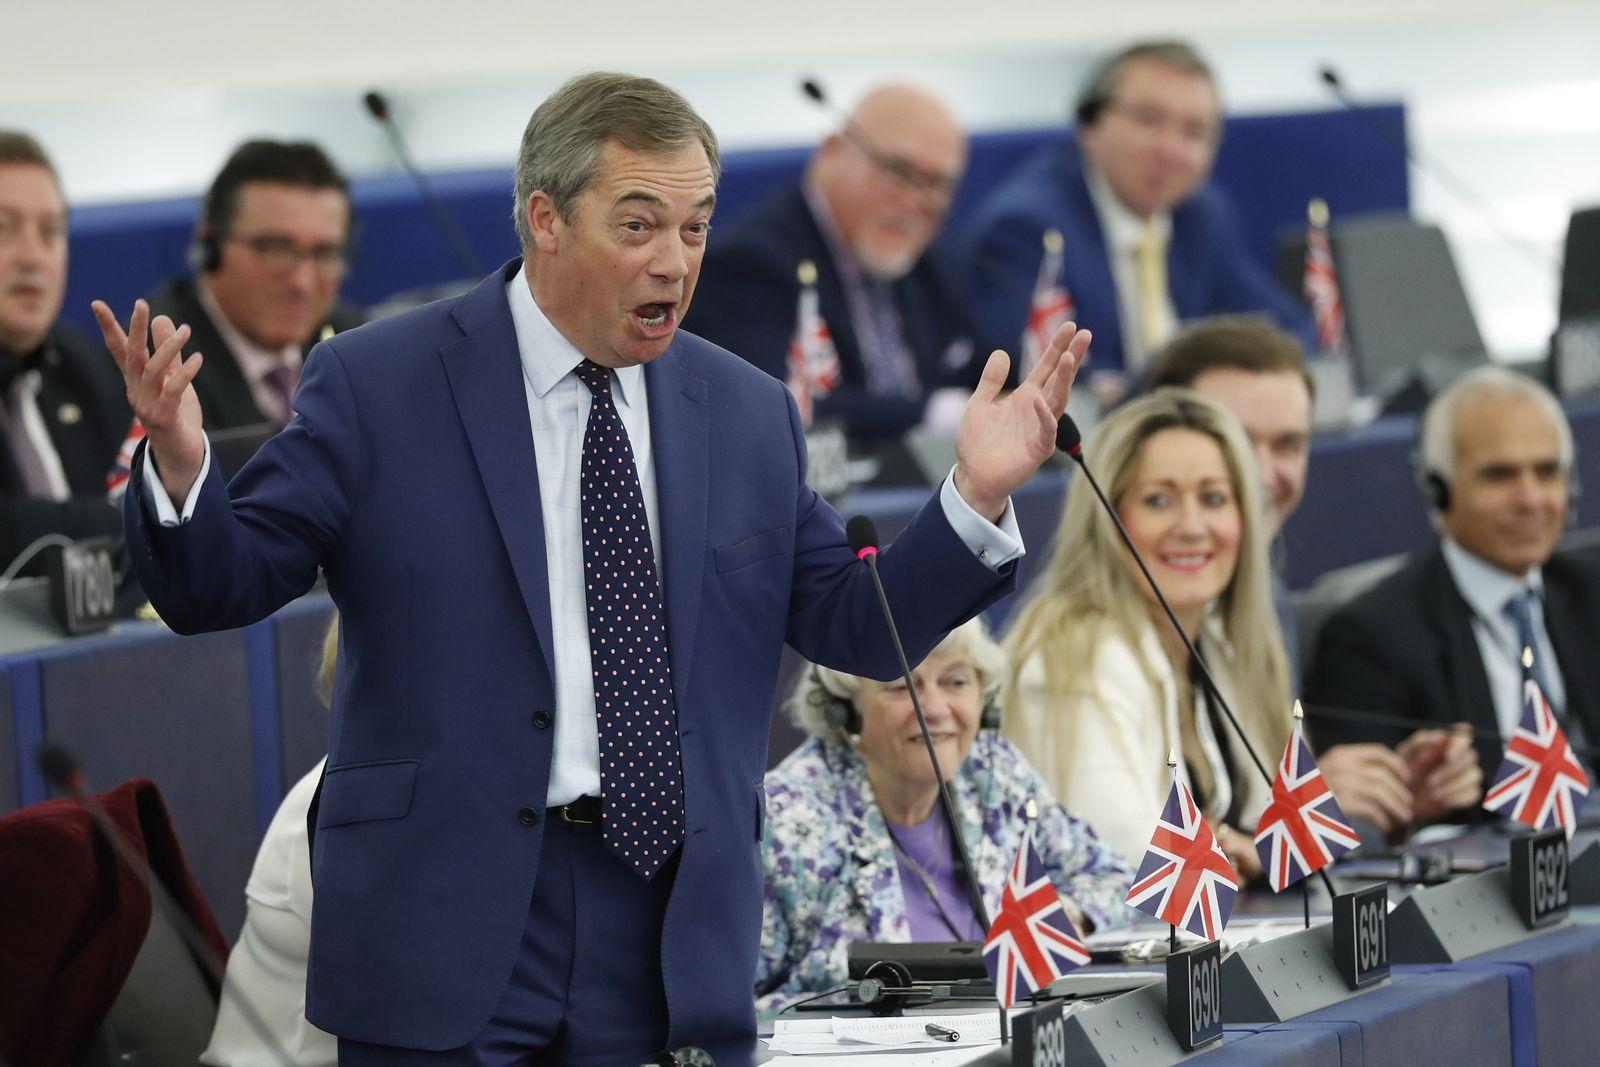 Nigel Farage EU Brexit